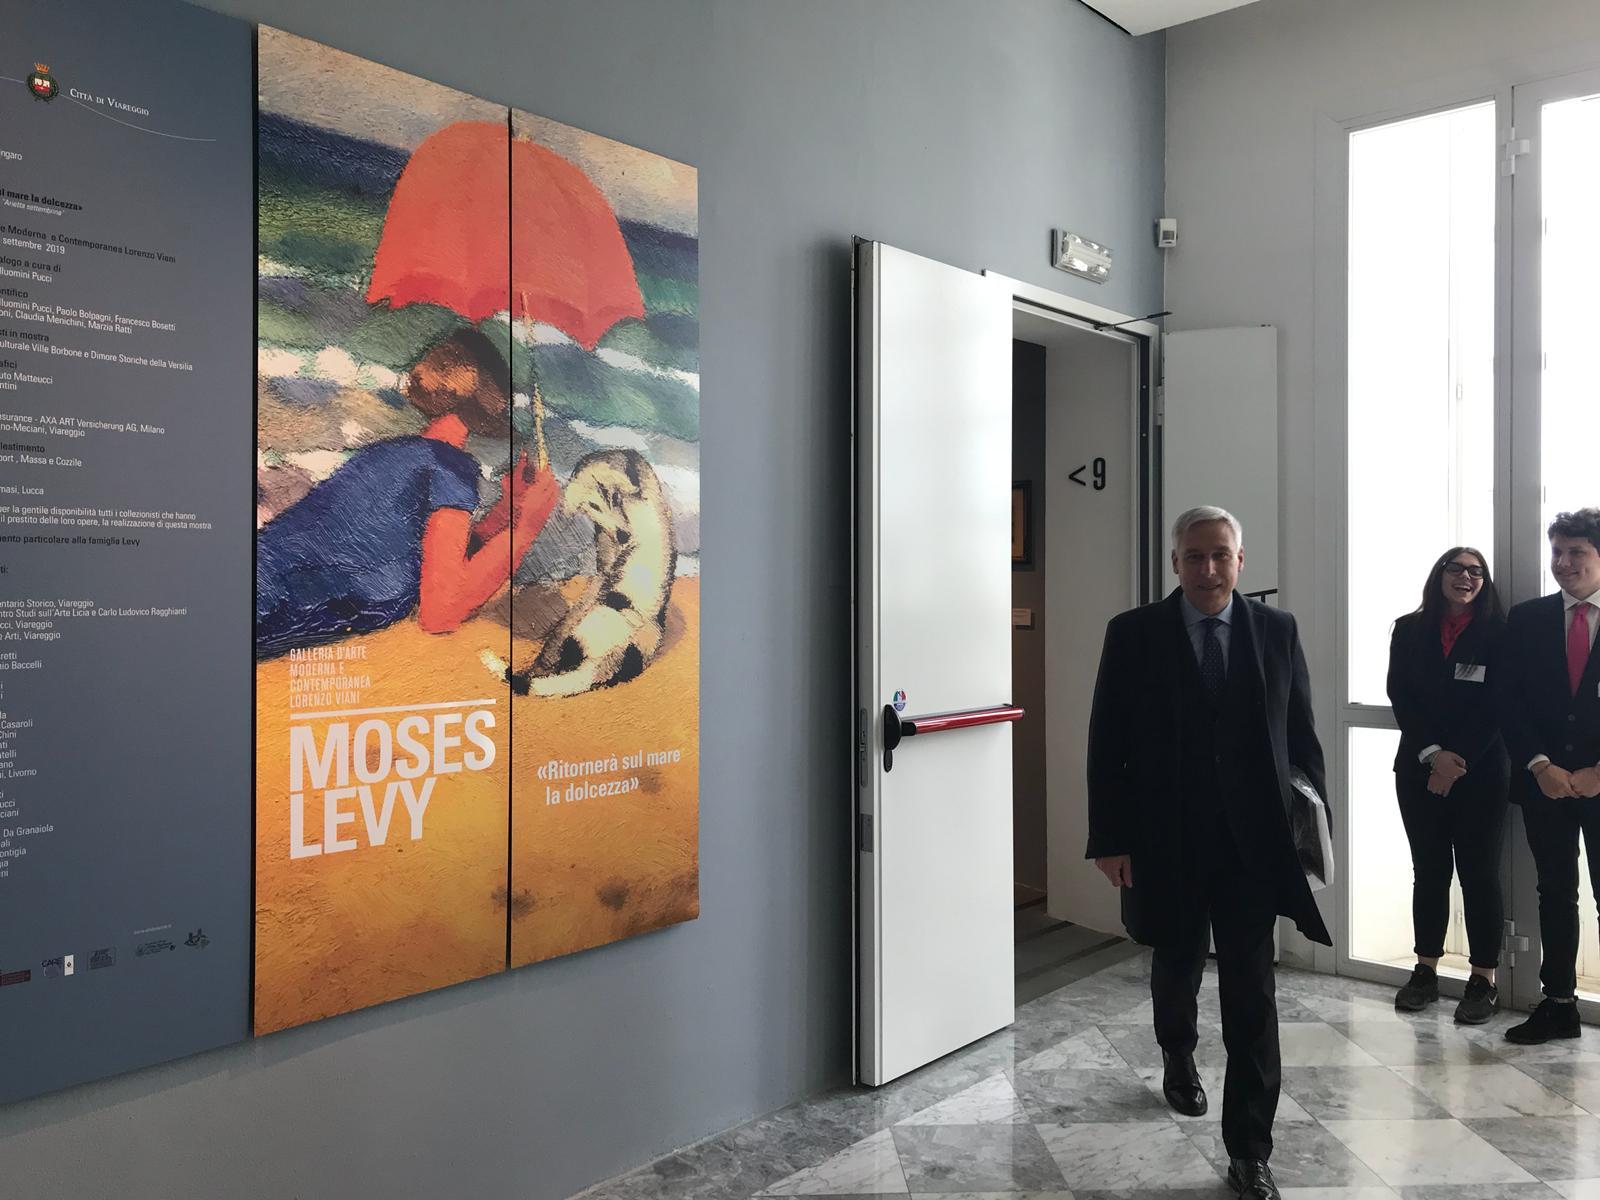 Successo di pubblico all'inaugurazione della mostra di Moses Levi